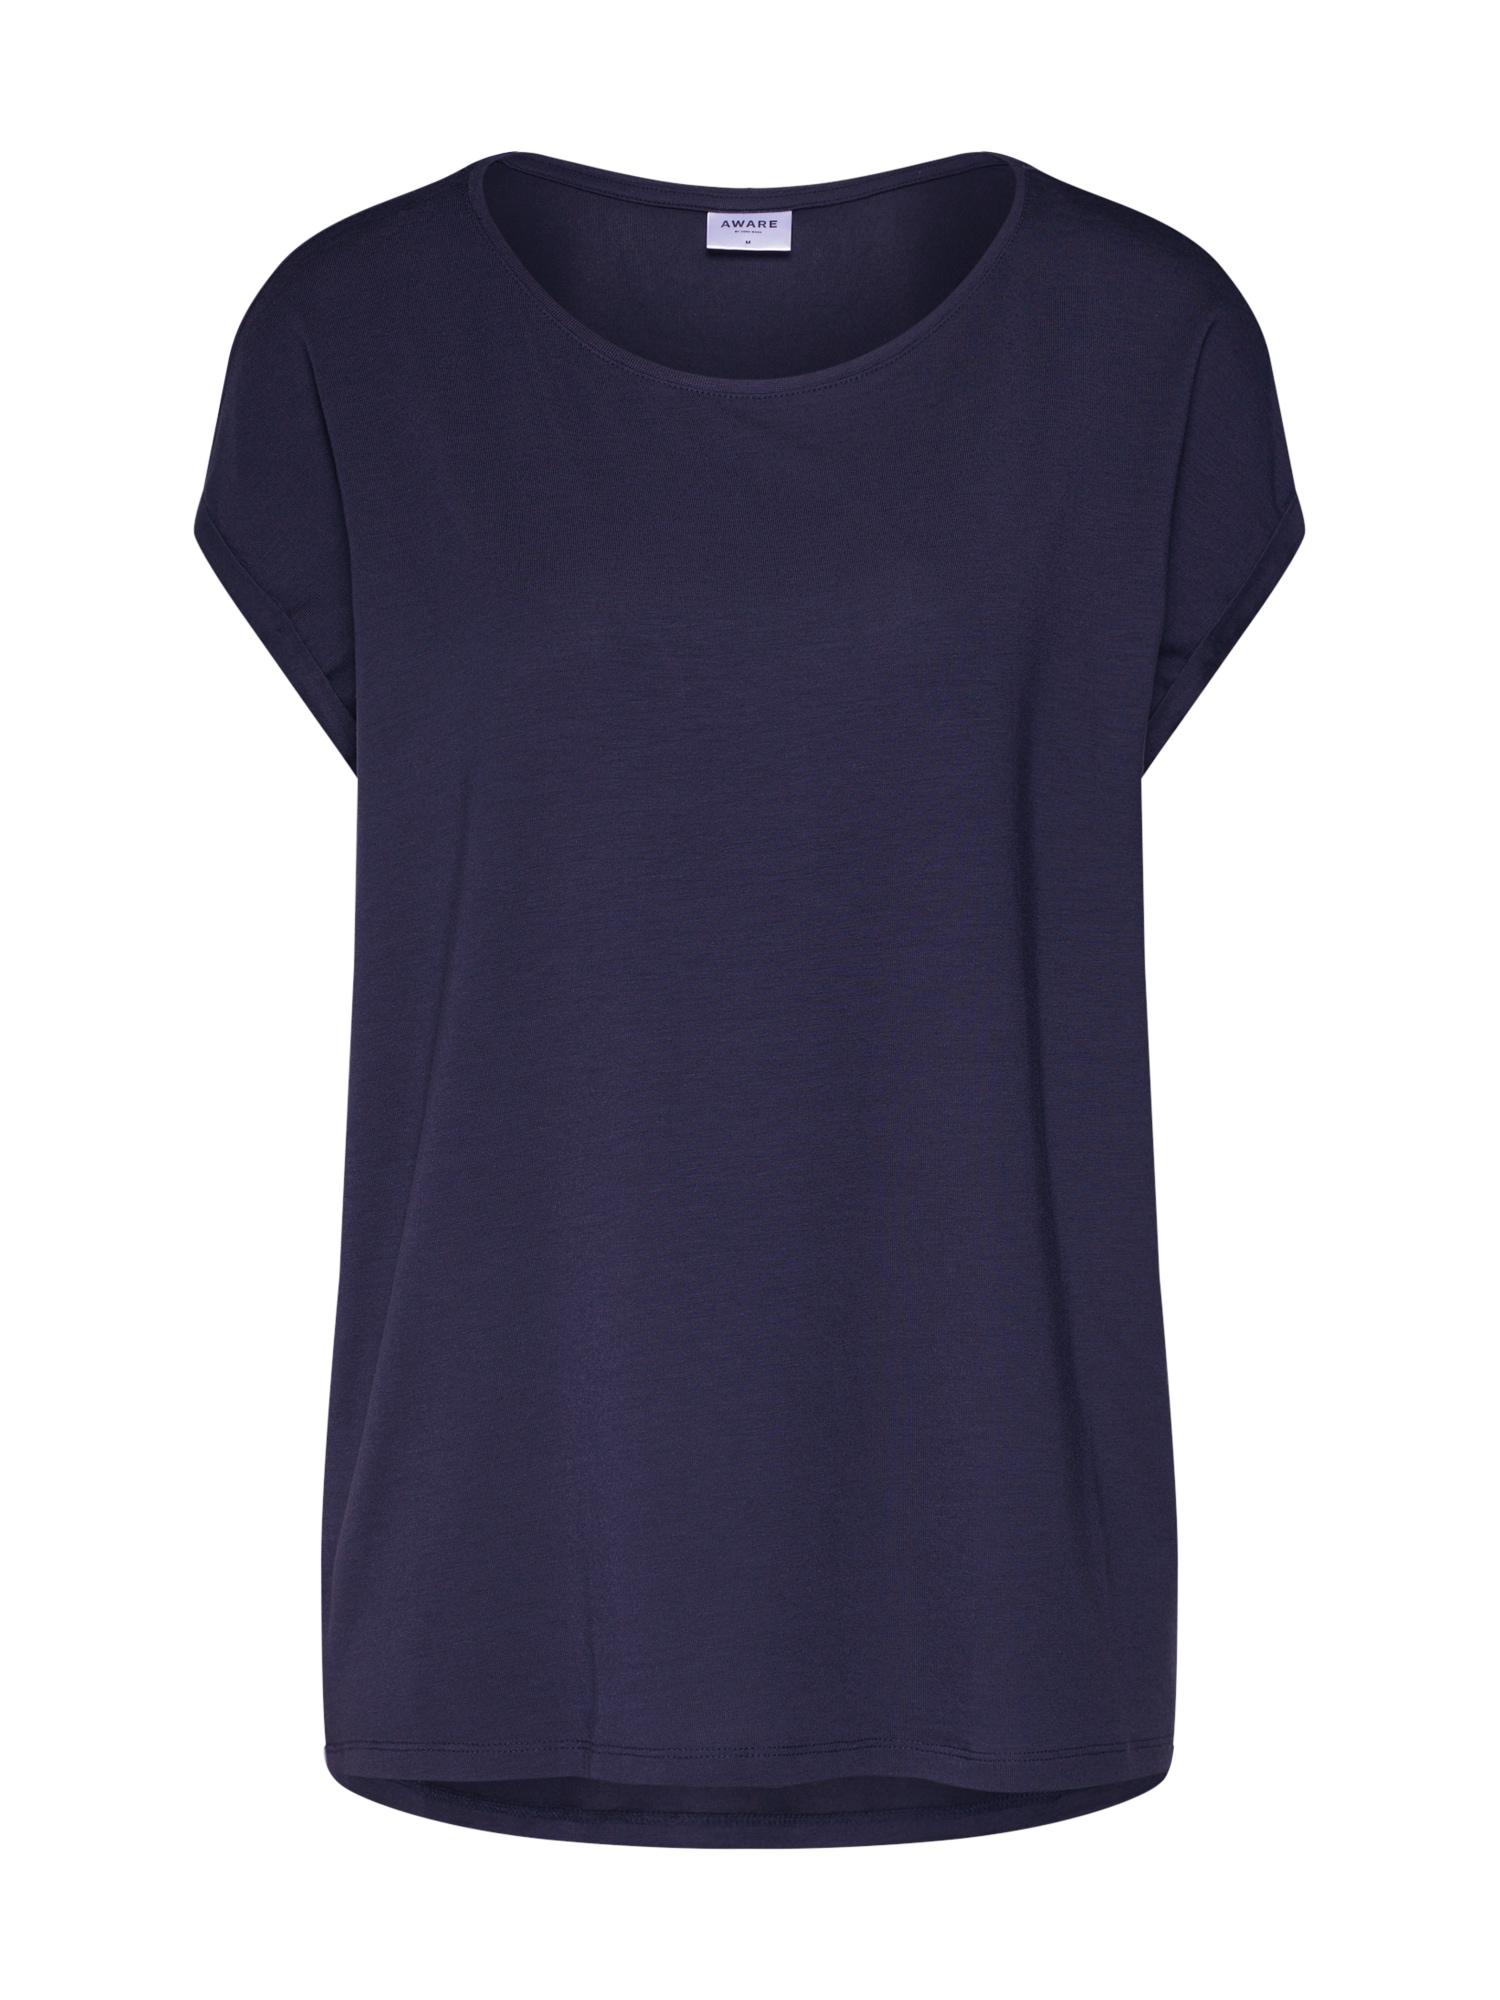 Oversized tričko Aware noční modrá VERO MODA